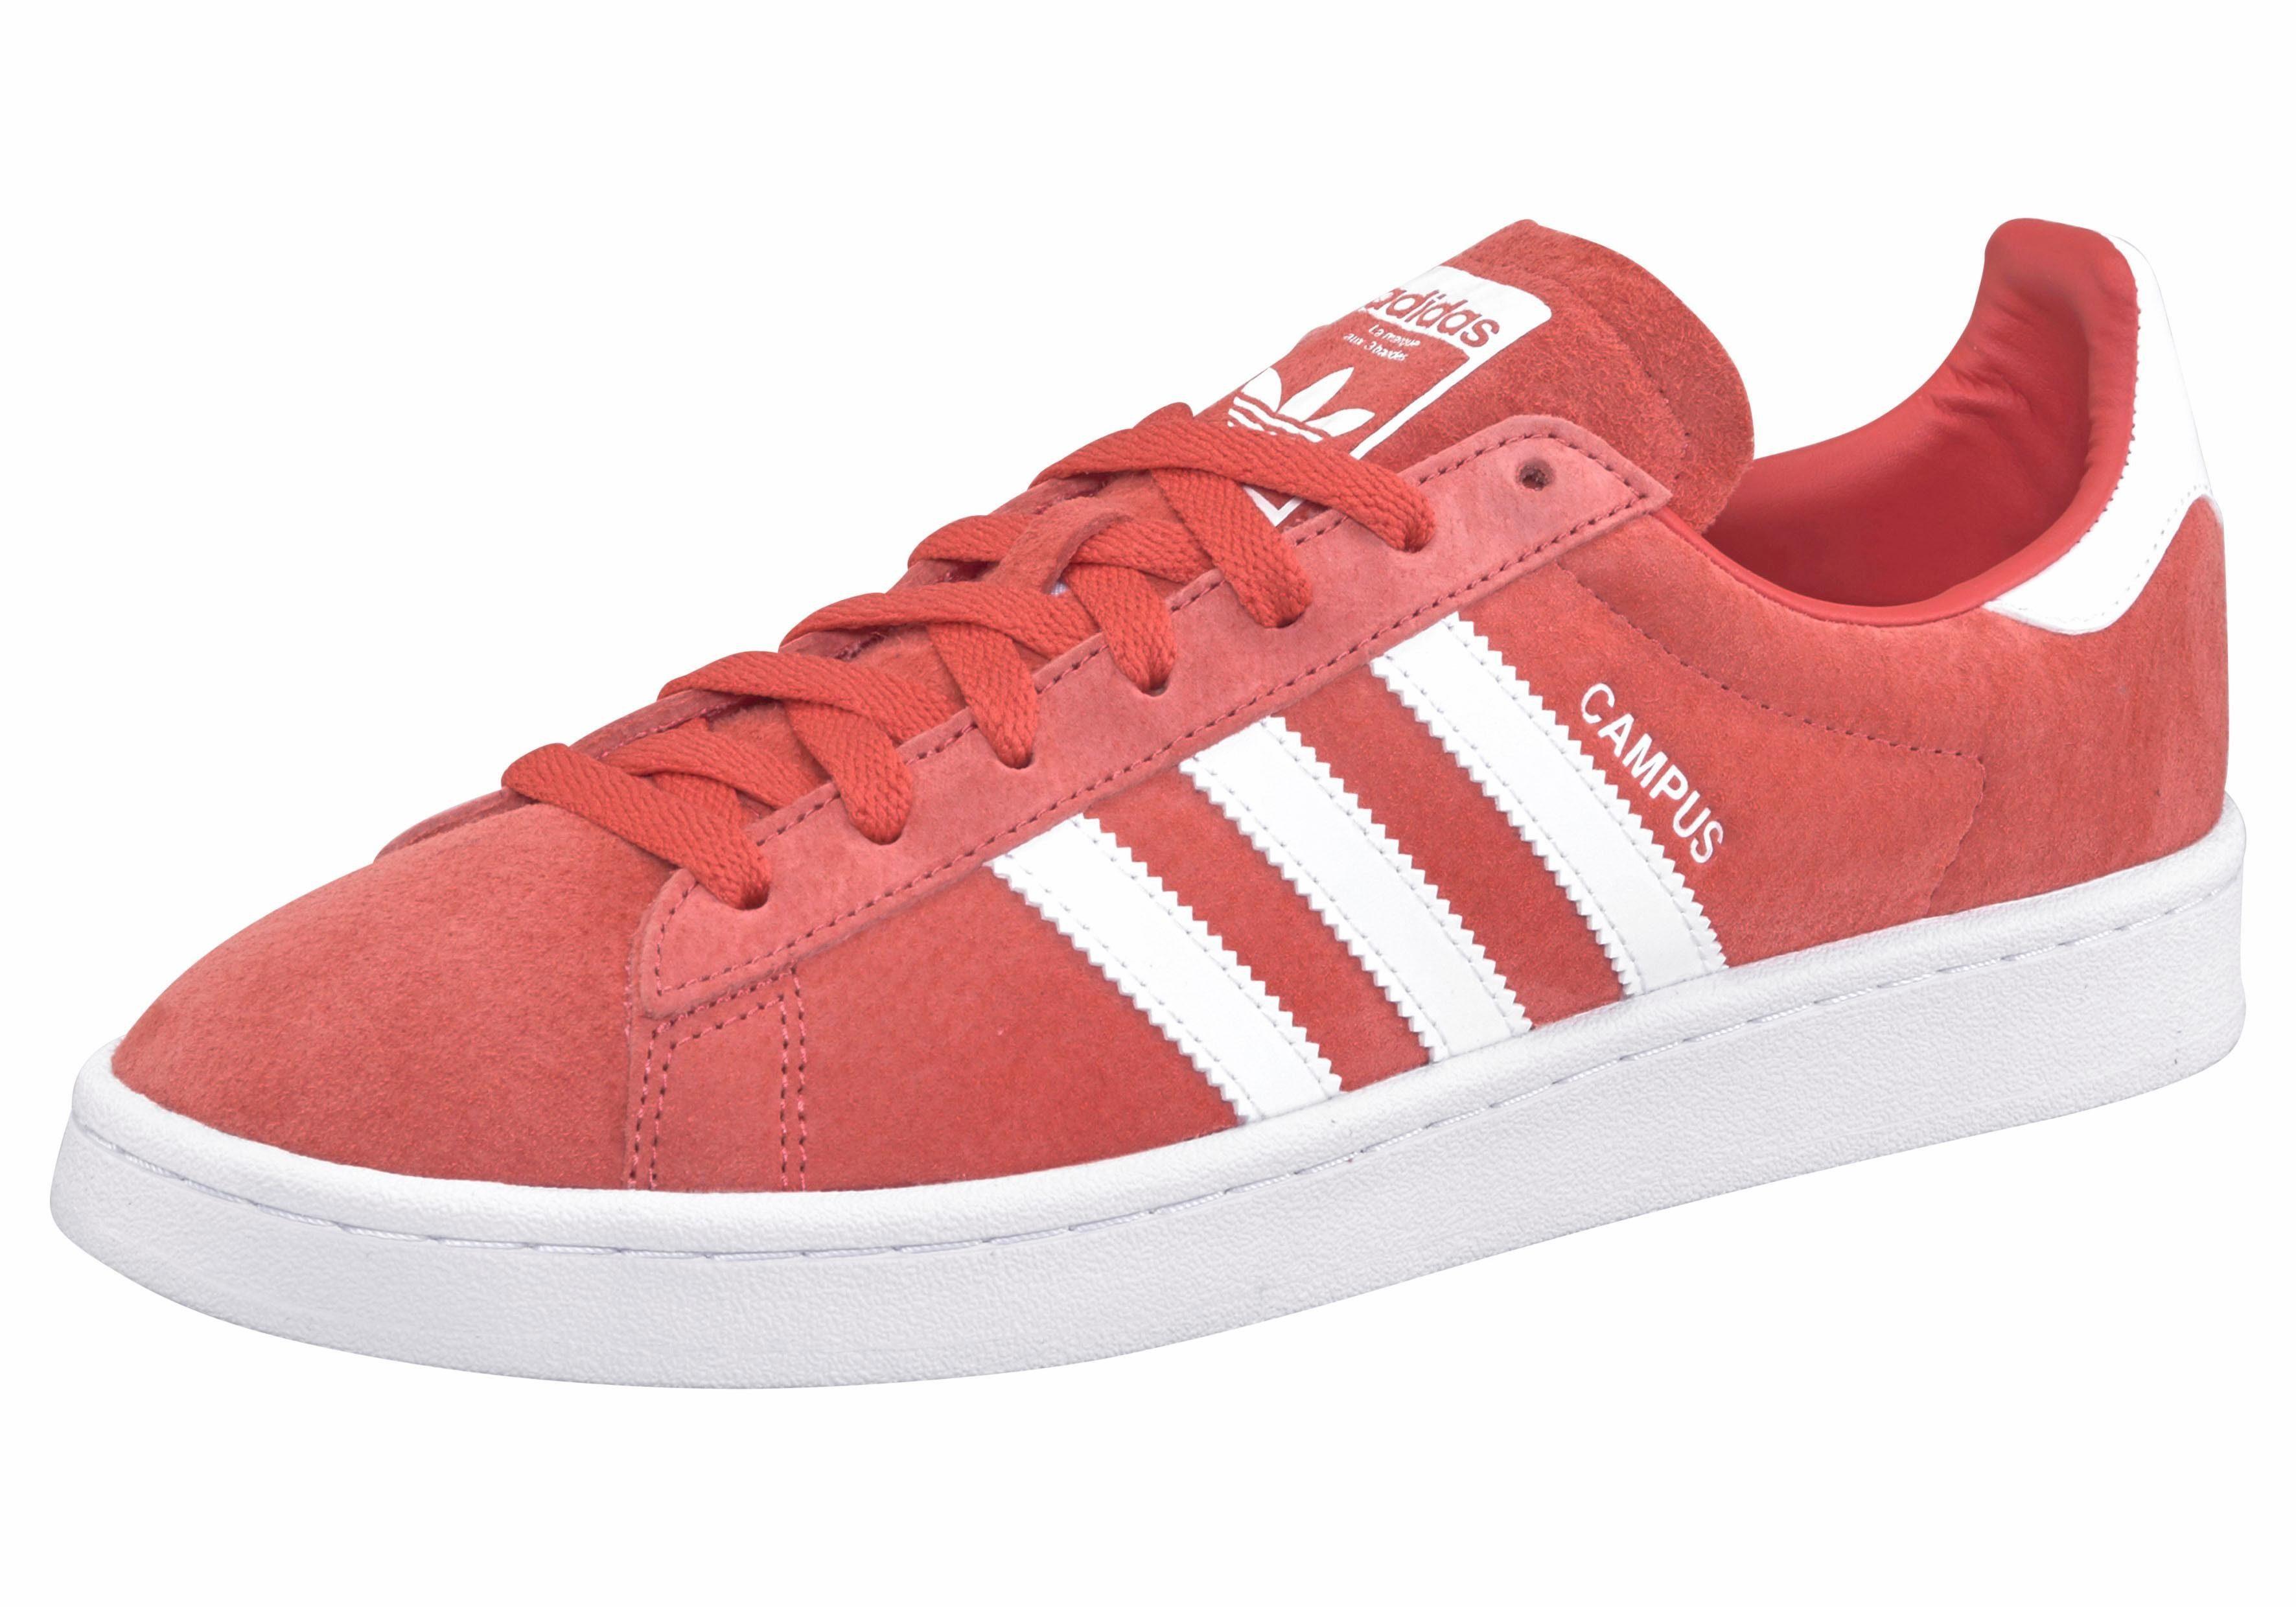 Originals KaufenOtto SneakerGepolsterter Tragekomfort Einstieg Für Mehr Online Adidas »campus W« zVUMSp